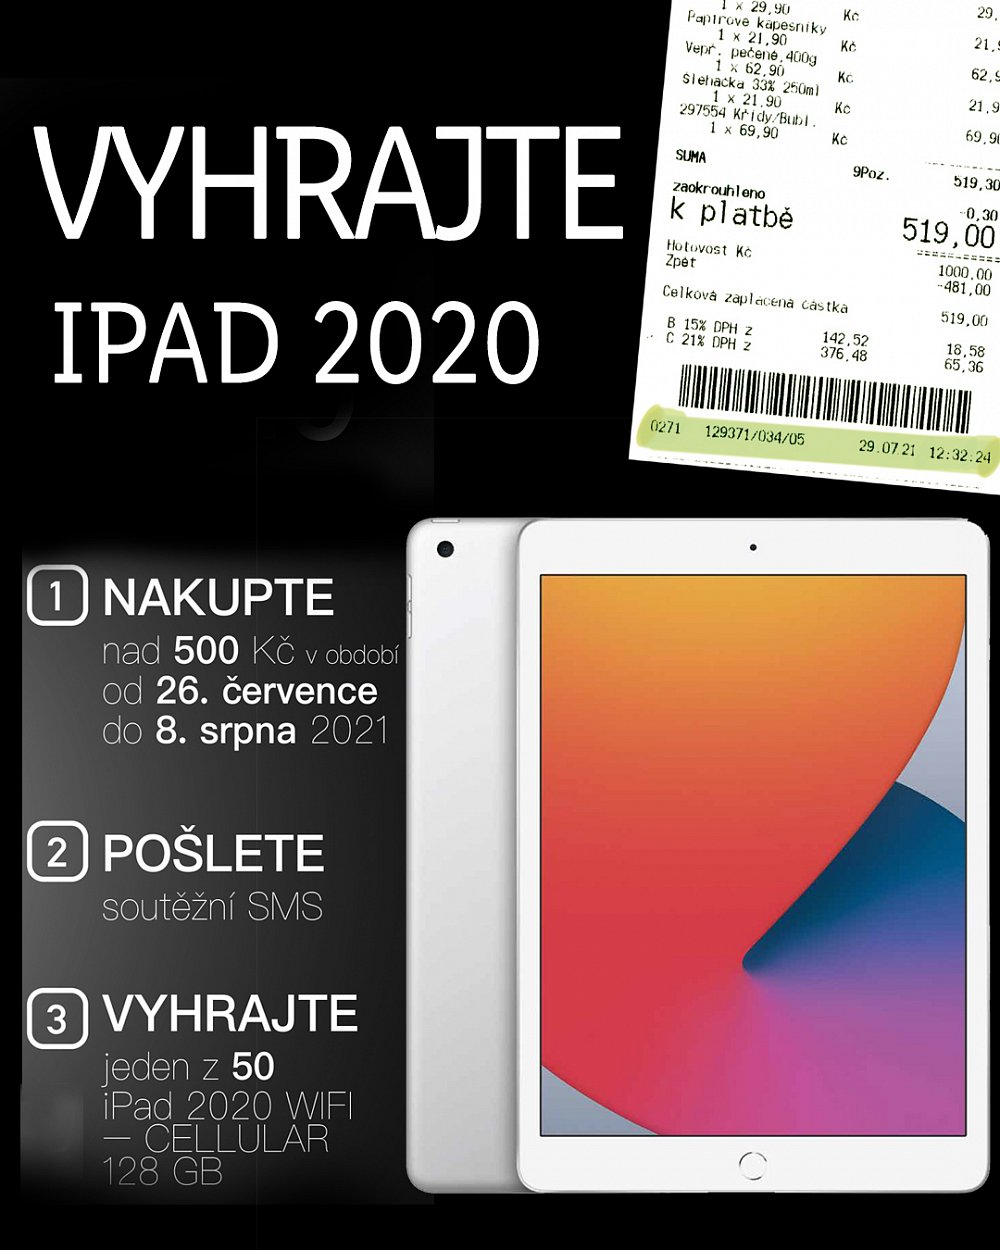 Vyhrajte 50x iPad 2020